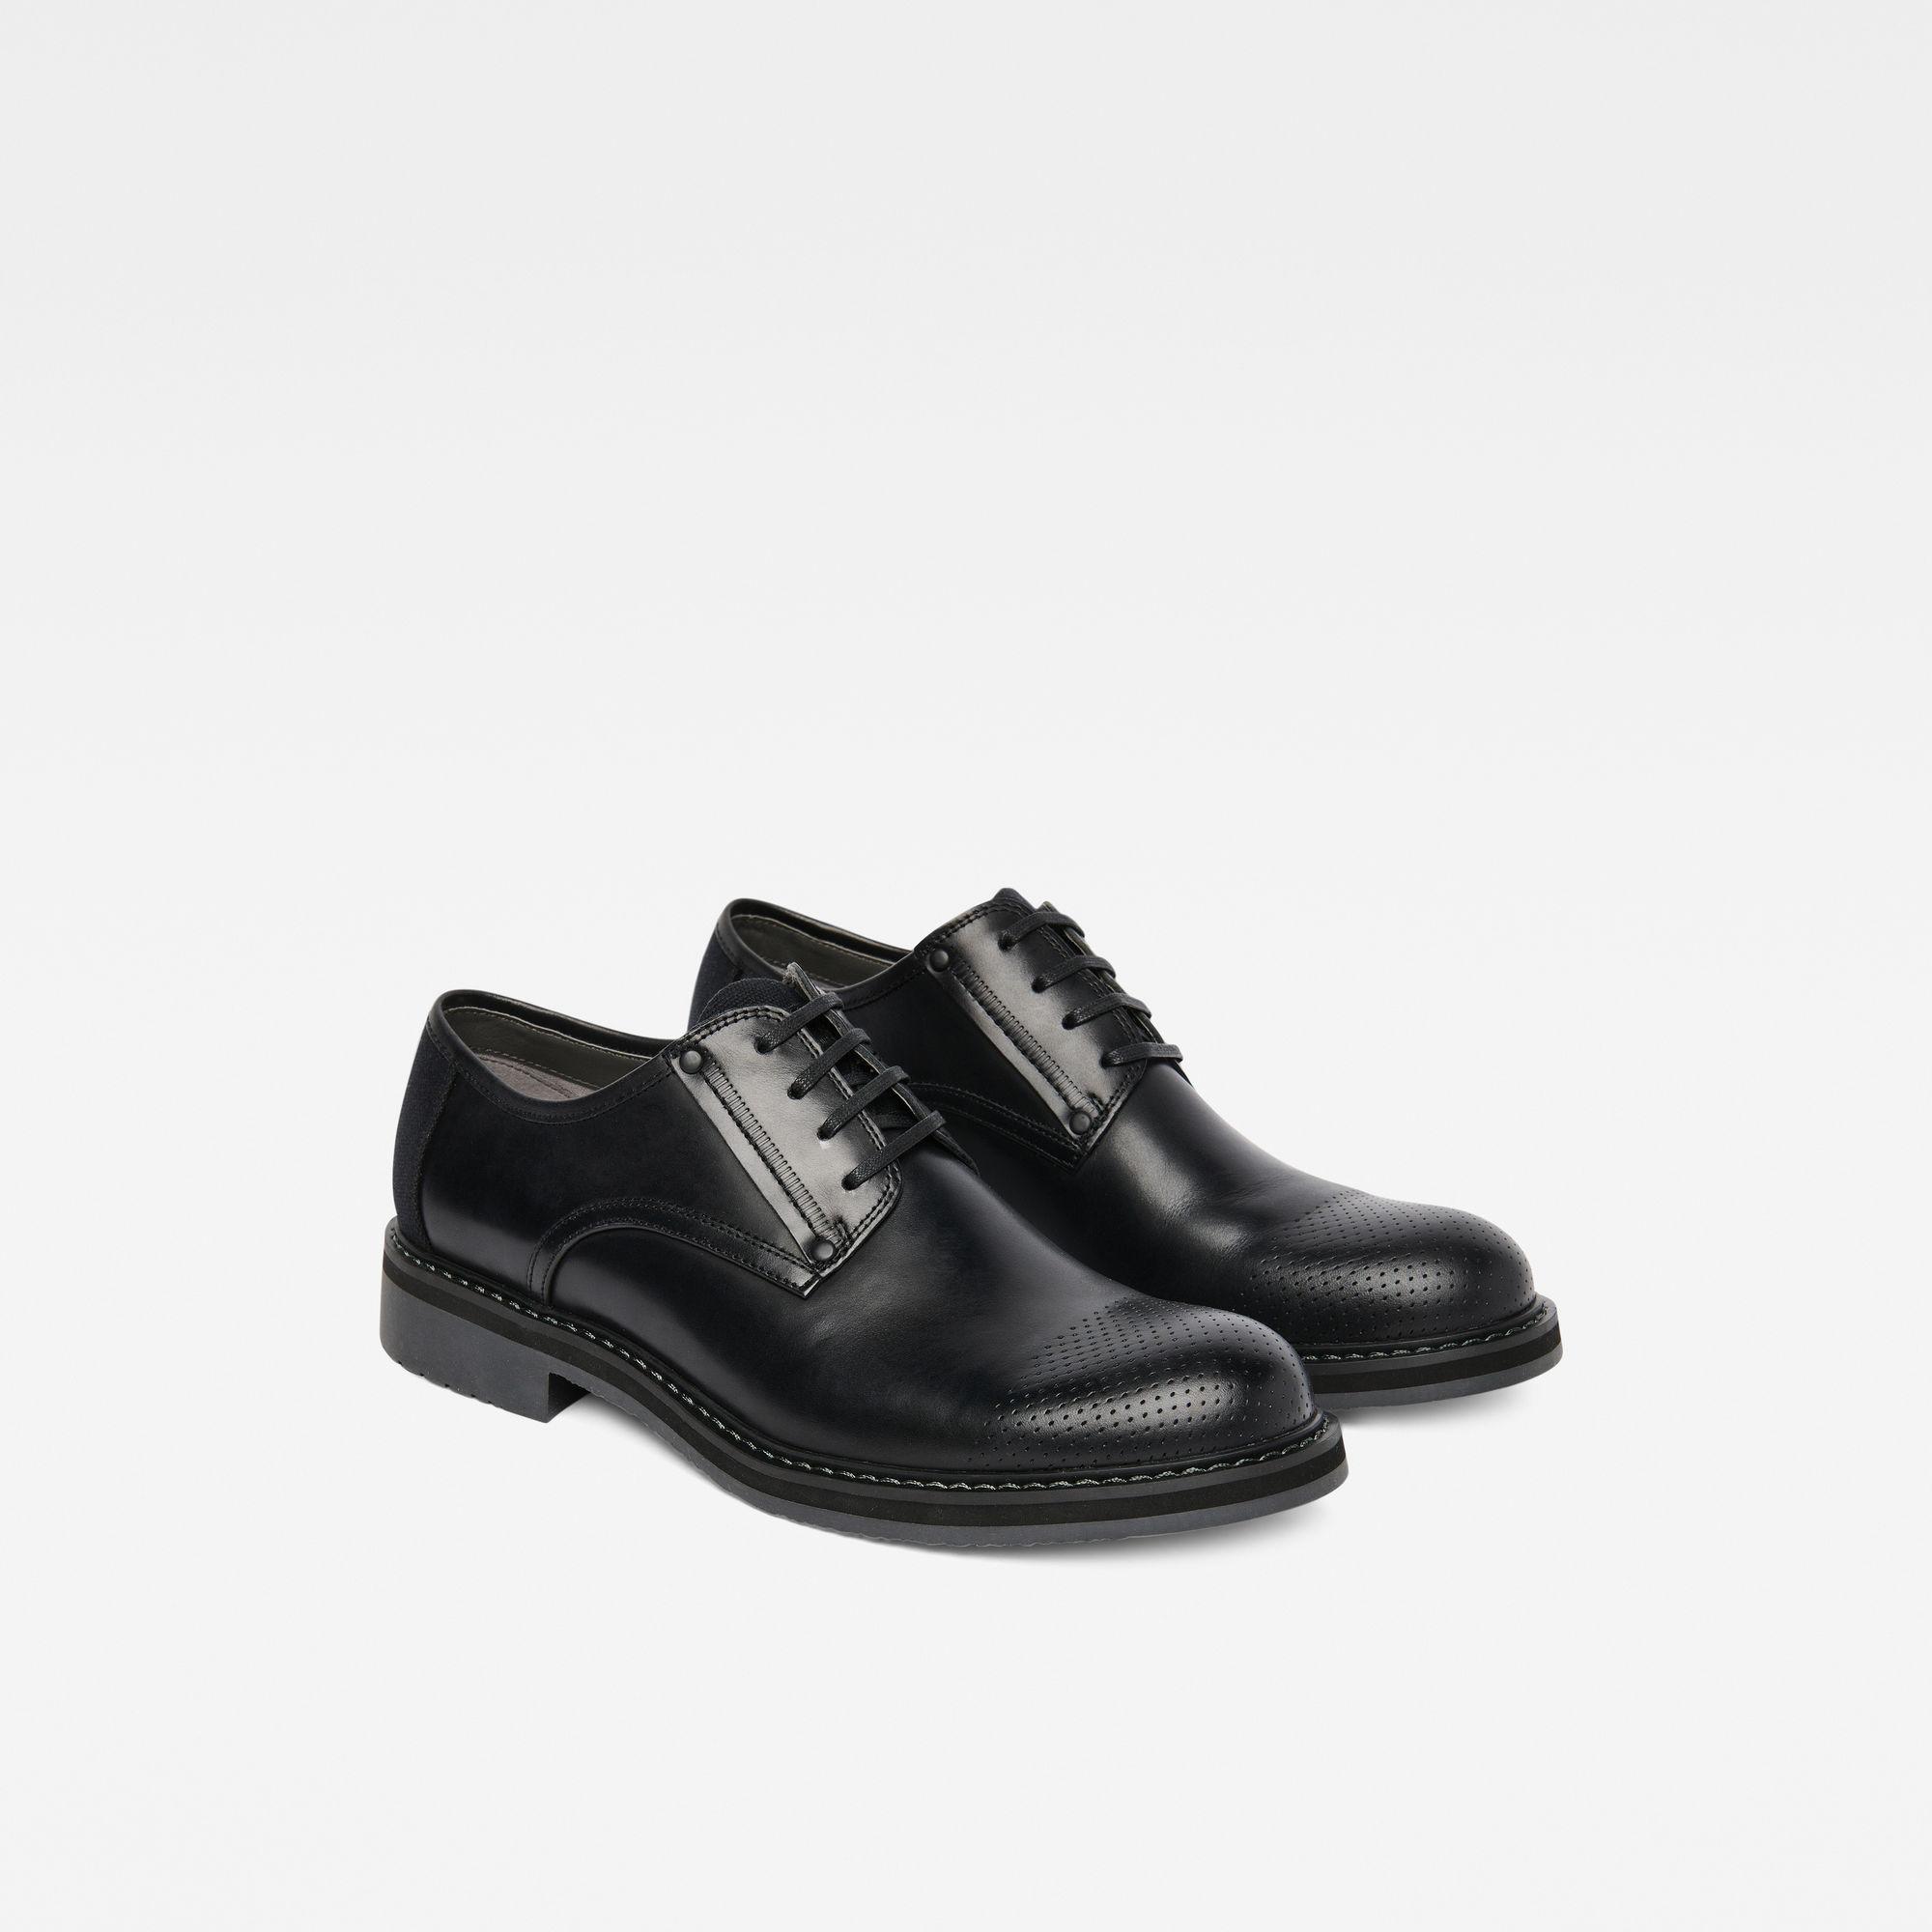 Jacor Laces Shoes